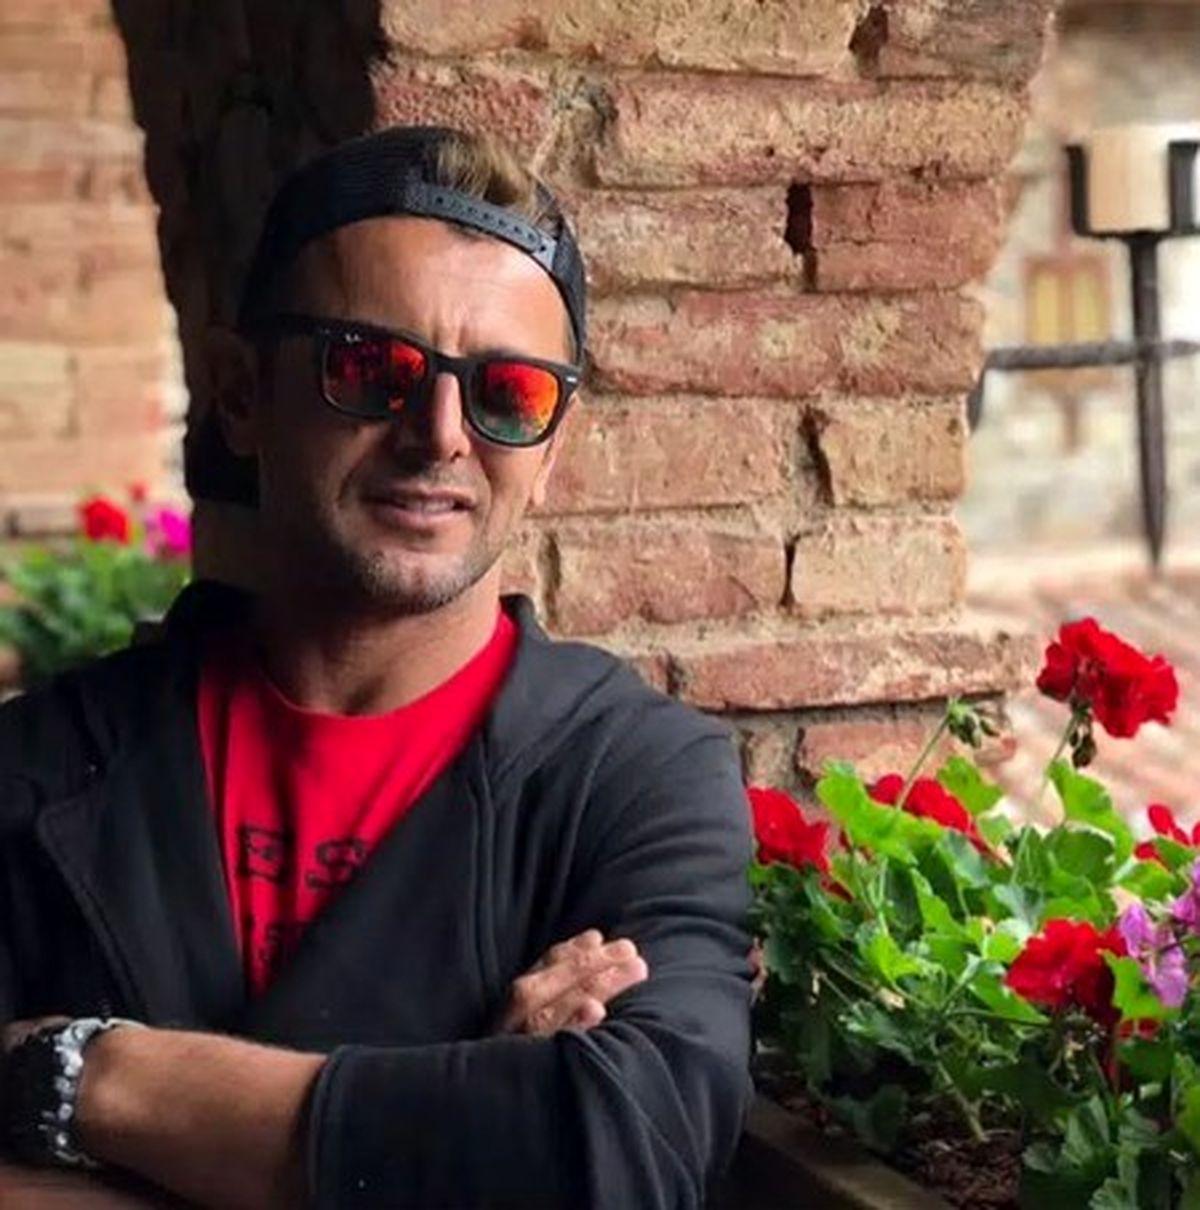 امین حیایی از دستمزد نجومی احسان علیخانی پرده برداشت/ مصاحبه جنجالی امین حیایی